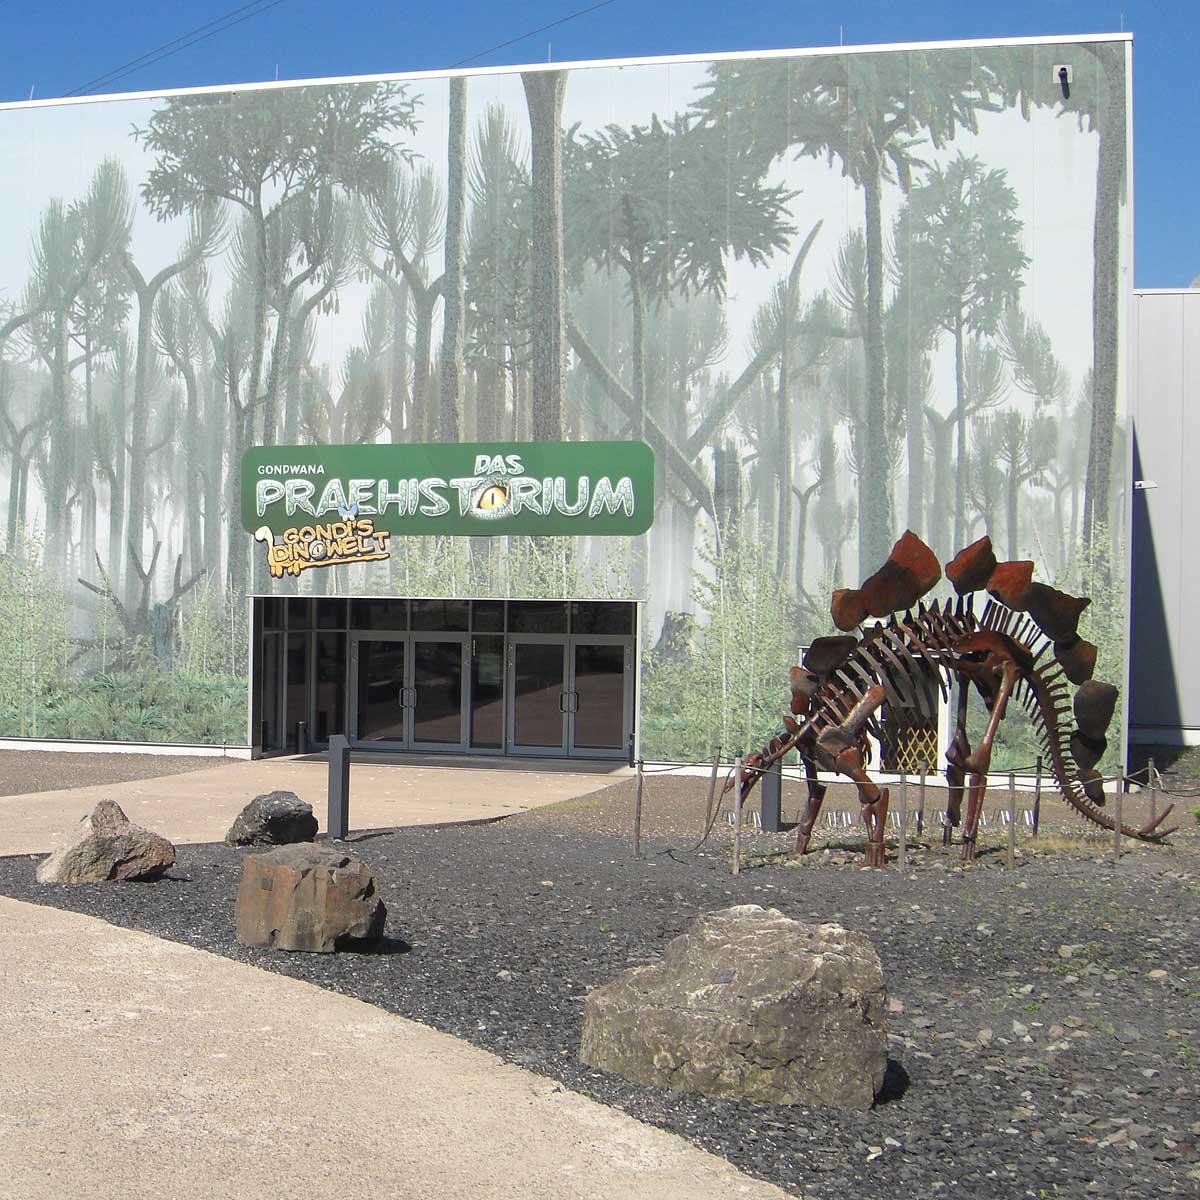 Das Gondwana bietet tolle Dino-Shows.